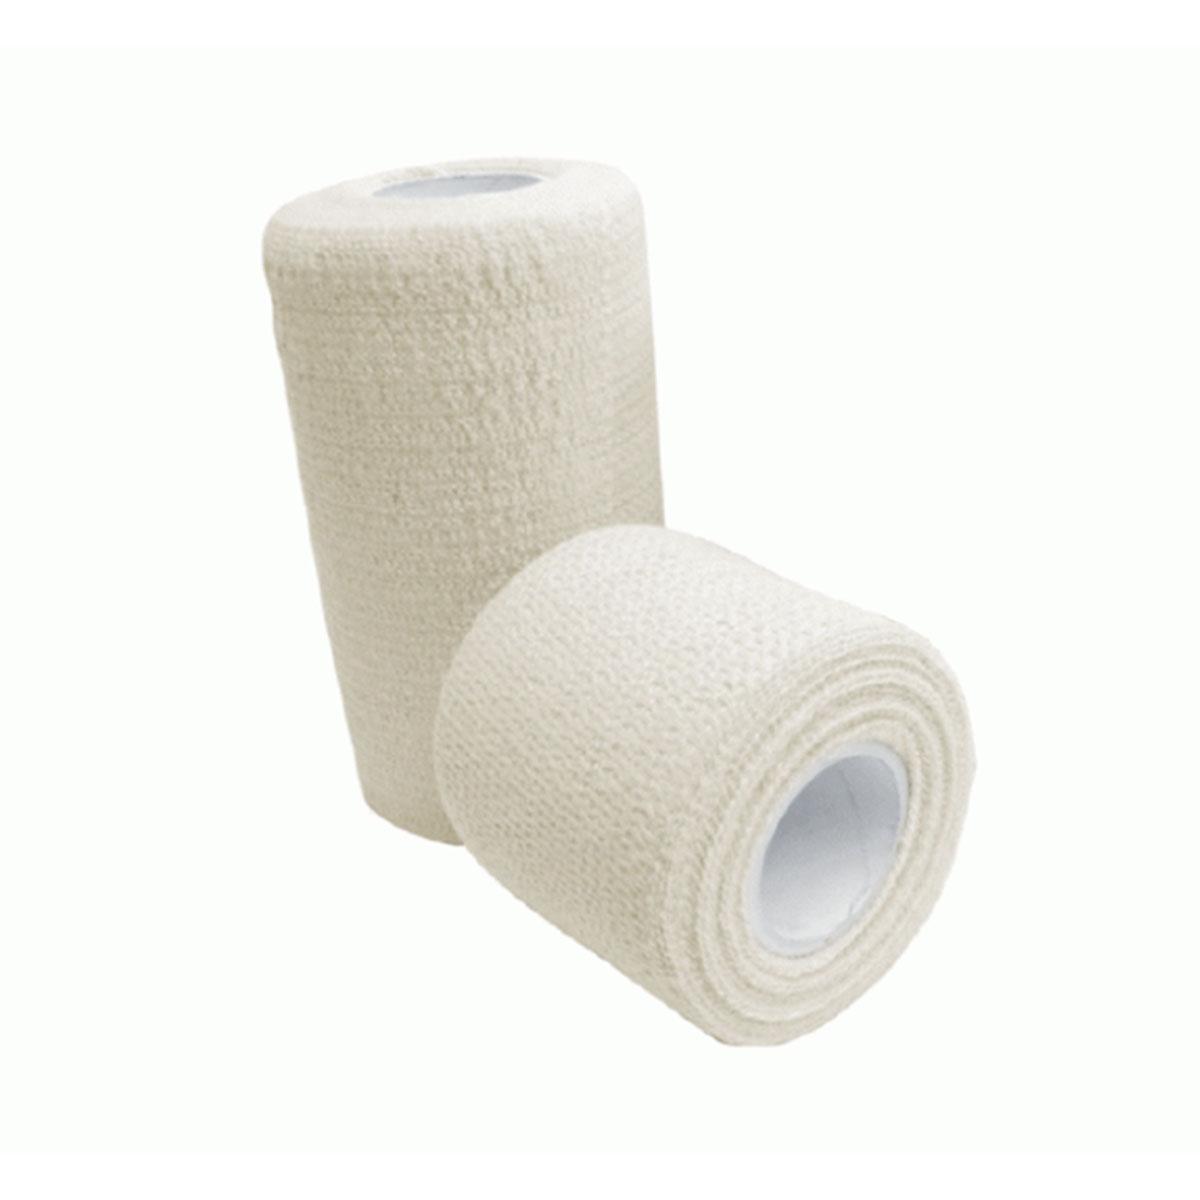 plain cohesive bandage the vet store